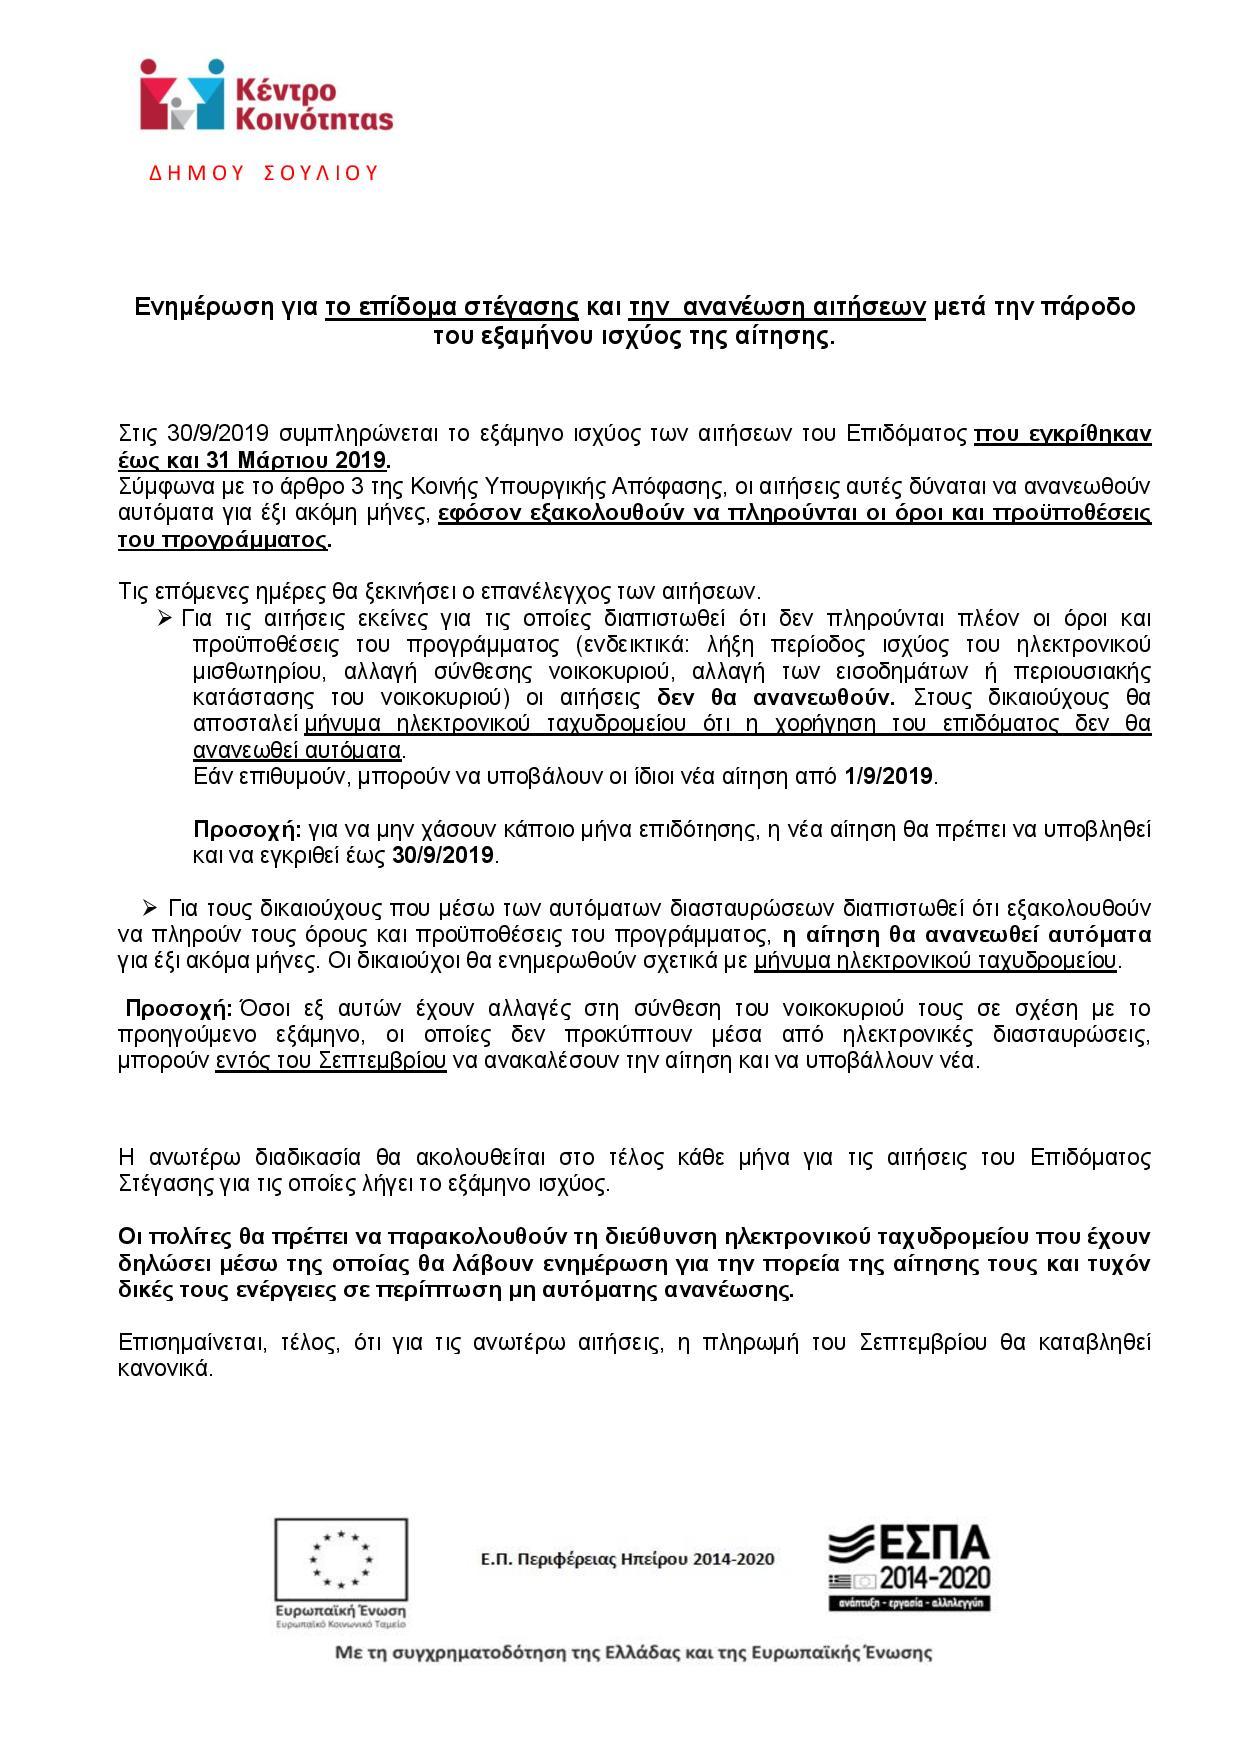 Ενημέρωση για το επίδομα στέγασης και την  ανανέωση αιτήσεων μετά την πάροδο του εξαμήνου ισχύος της αίτησης.